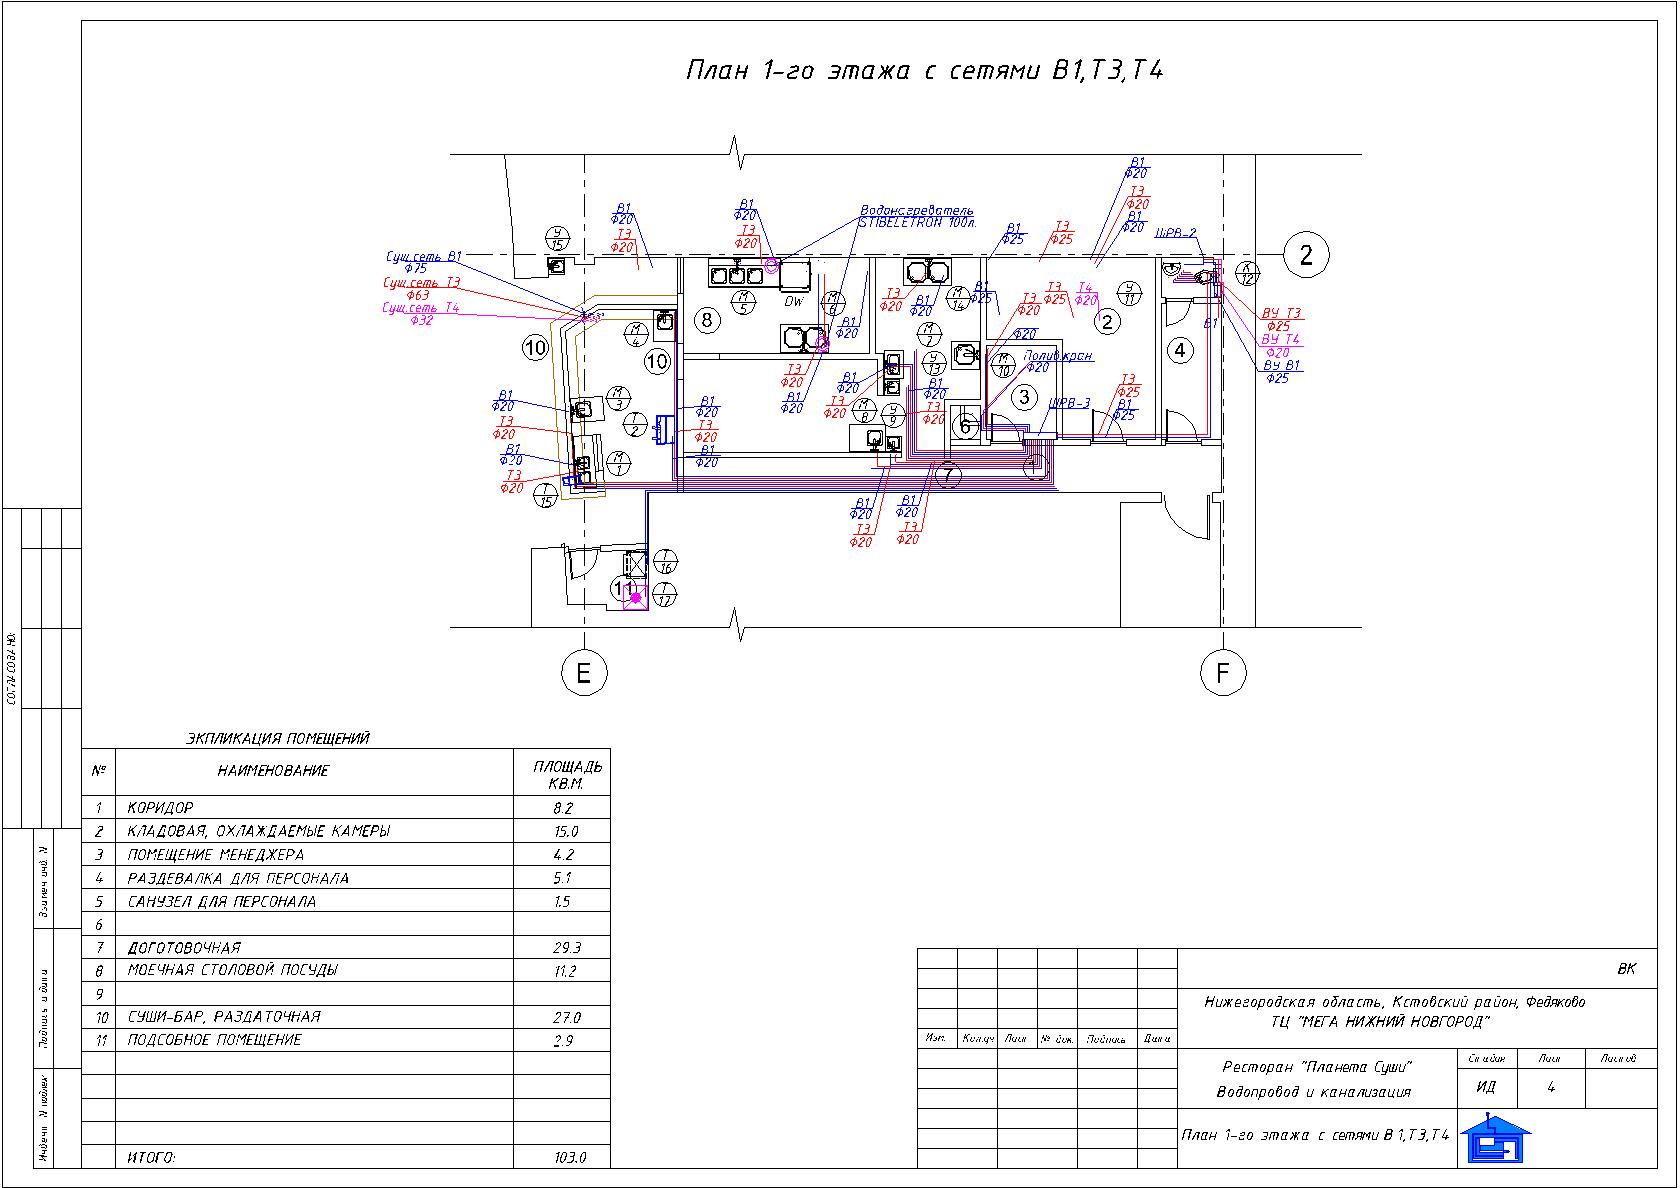 Схема узла водоснабжения в квартире